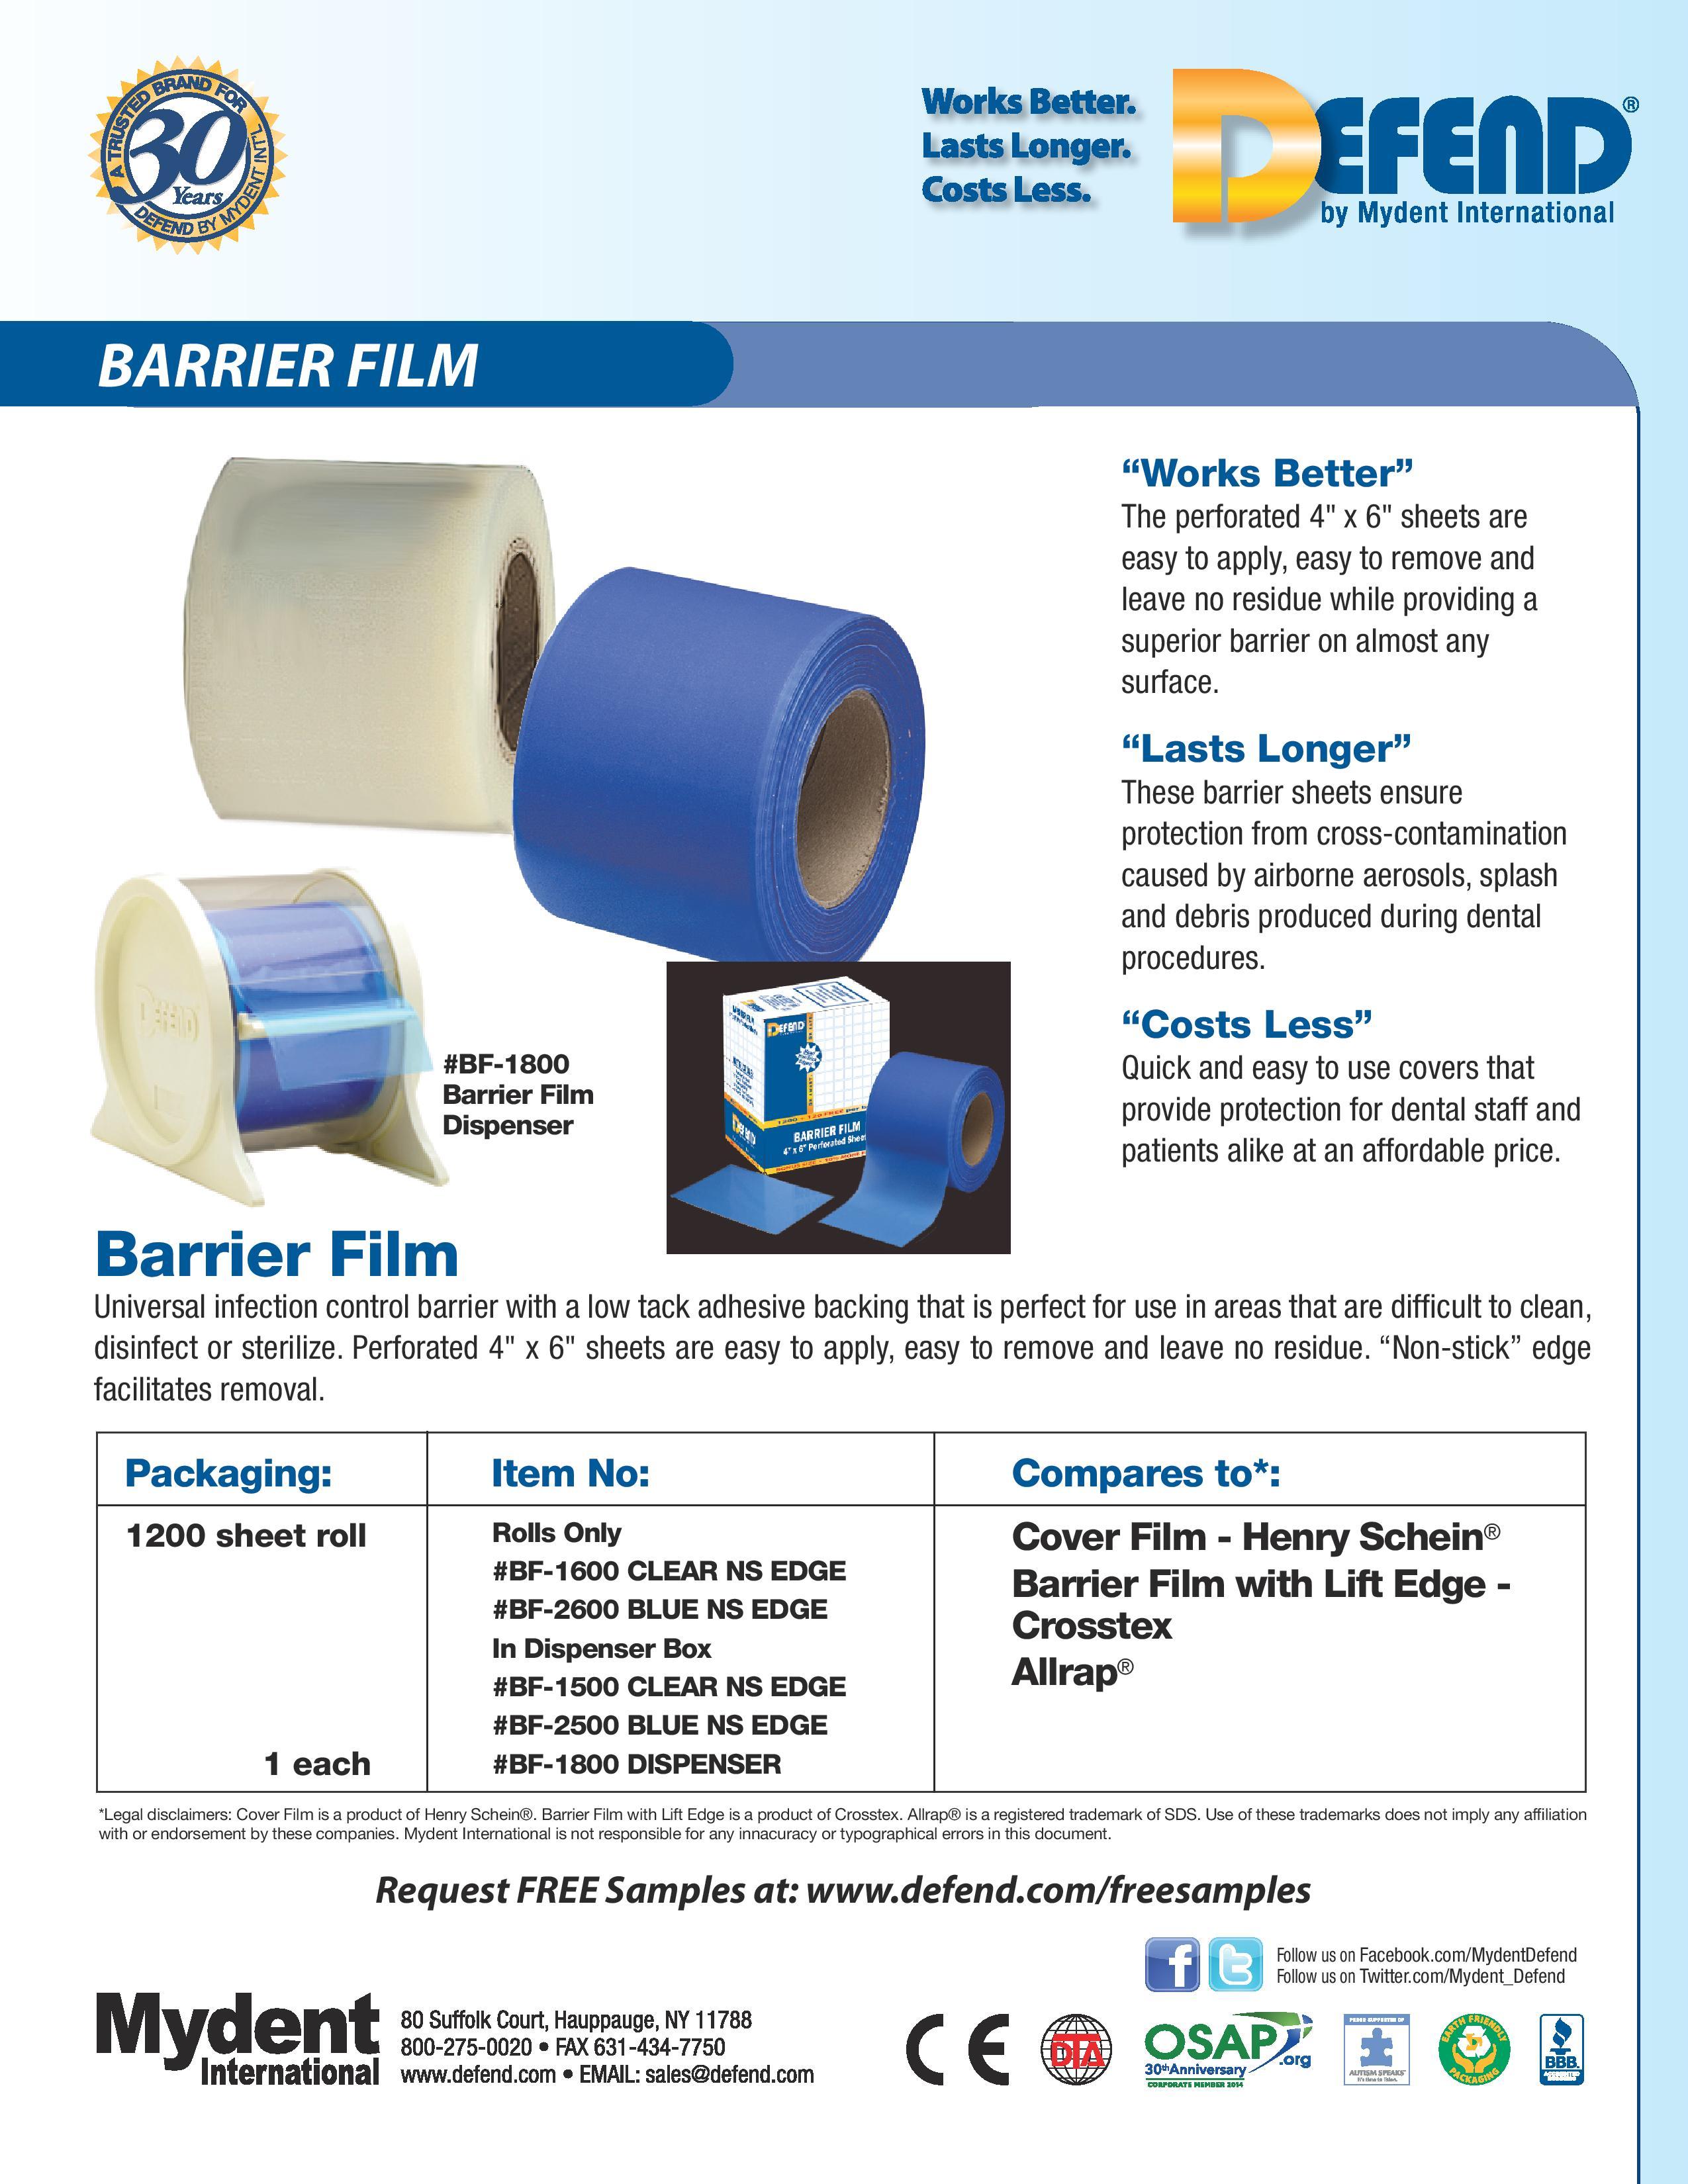 Defend Barrier Film